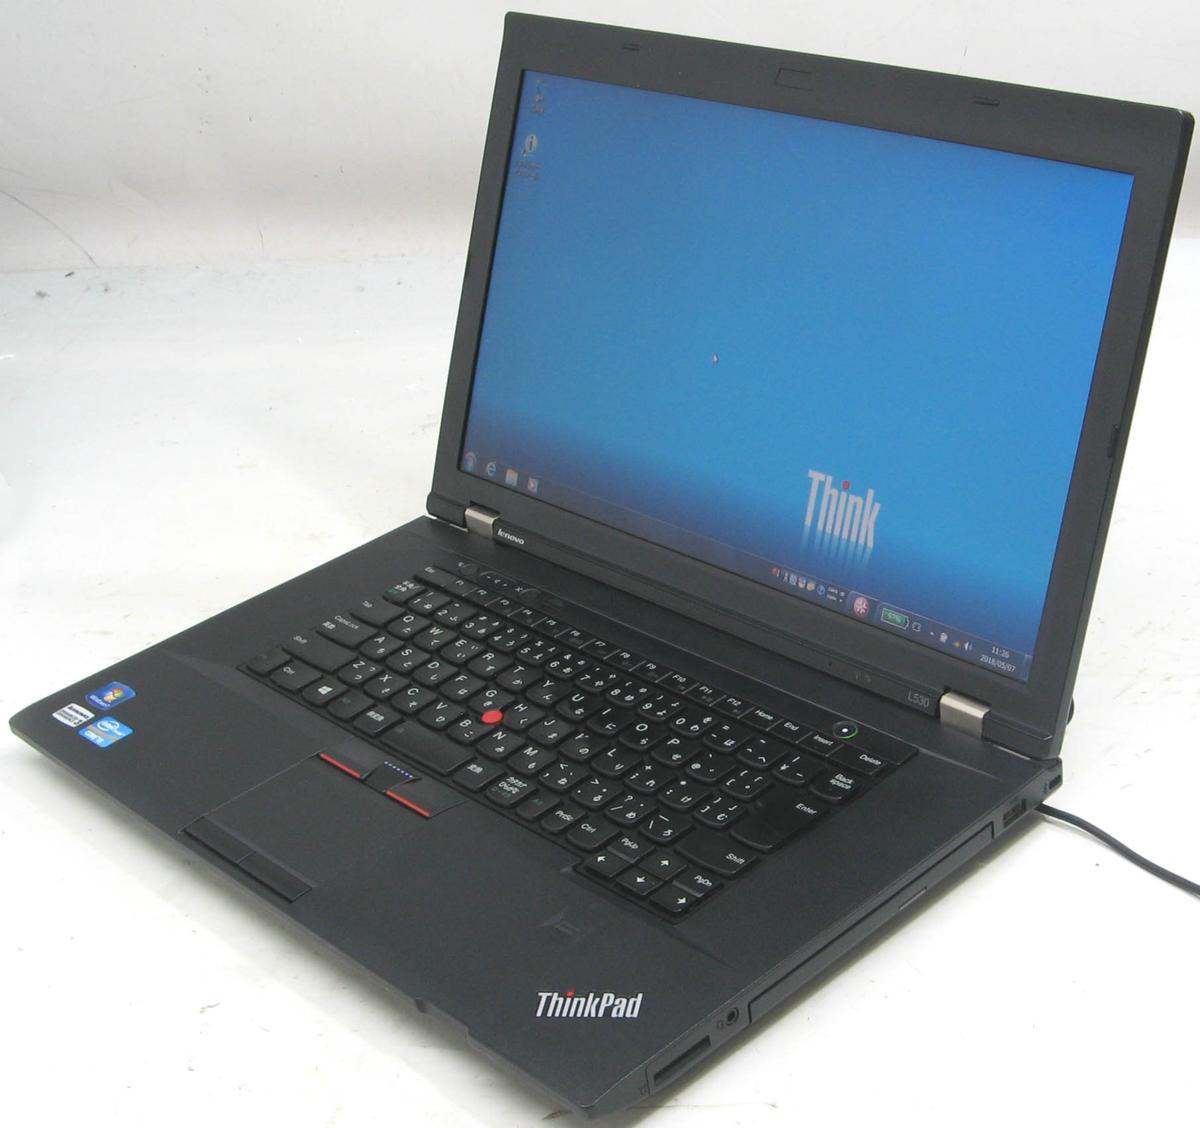 中古ノートパソコン Lenovo ThinkPad L530 2475-A11(レノボ IBM Windows7 Corei5 グラボ ビデオカード DVDスーパーマルチドライブ)【中古】【中古パソコン/中古PC】